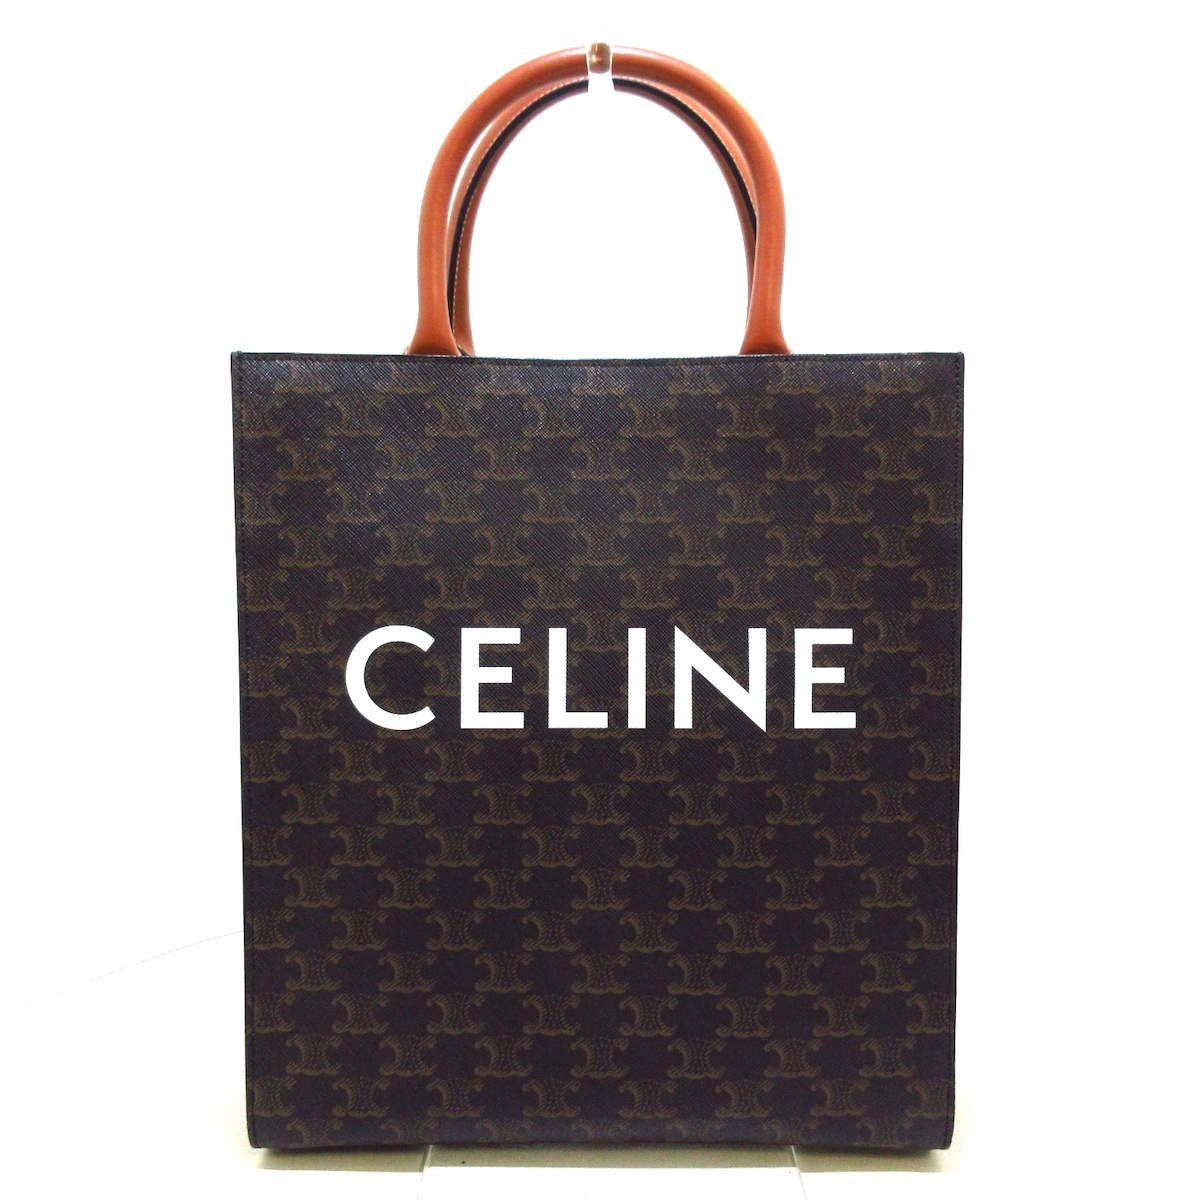 CELINE(セリーヌ)のスモール バーティカル カバ